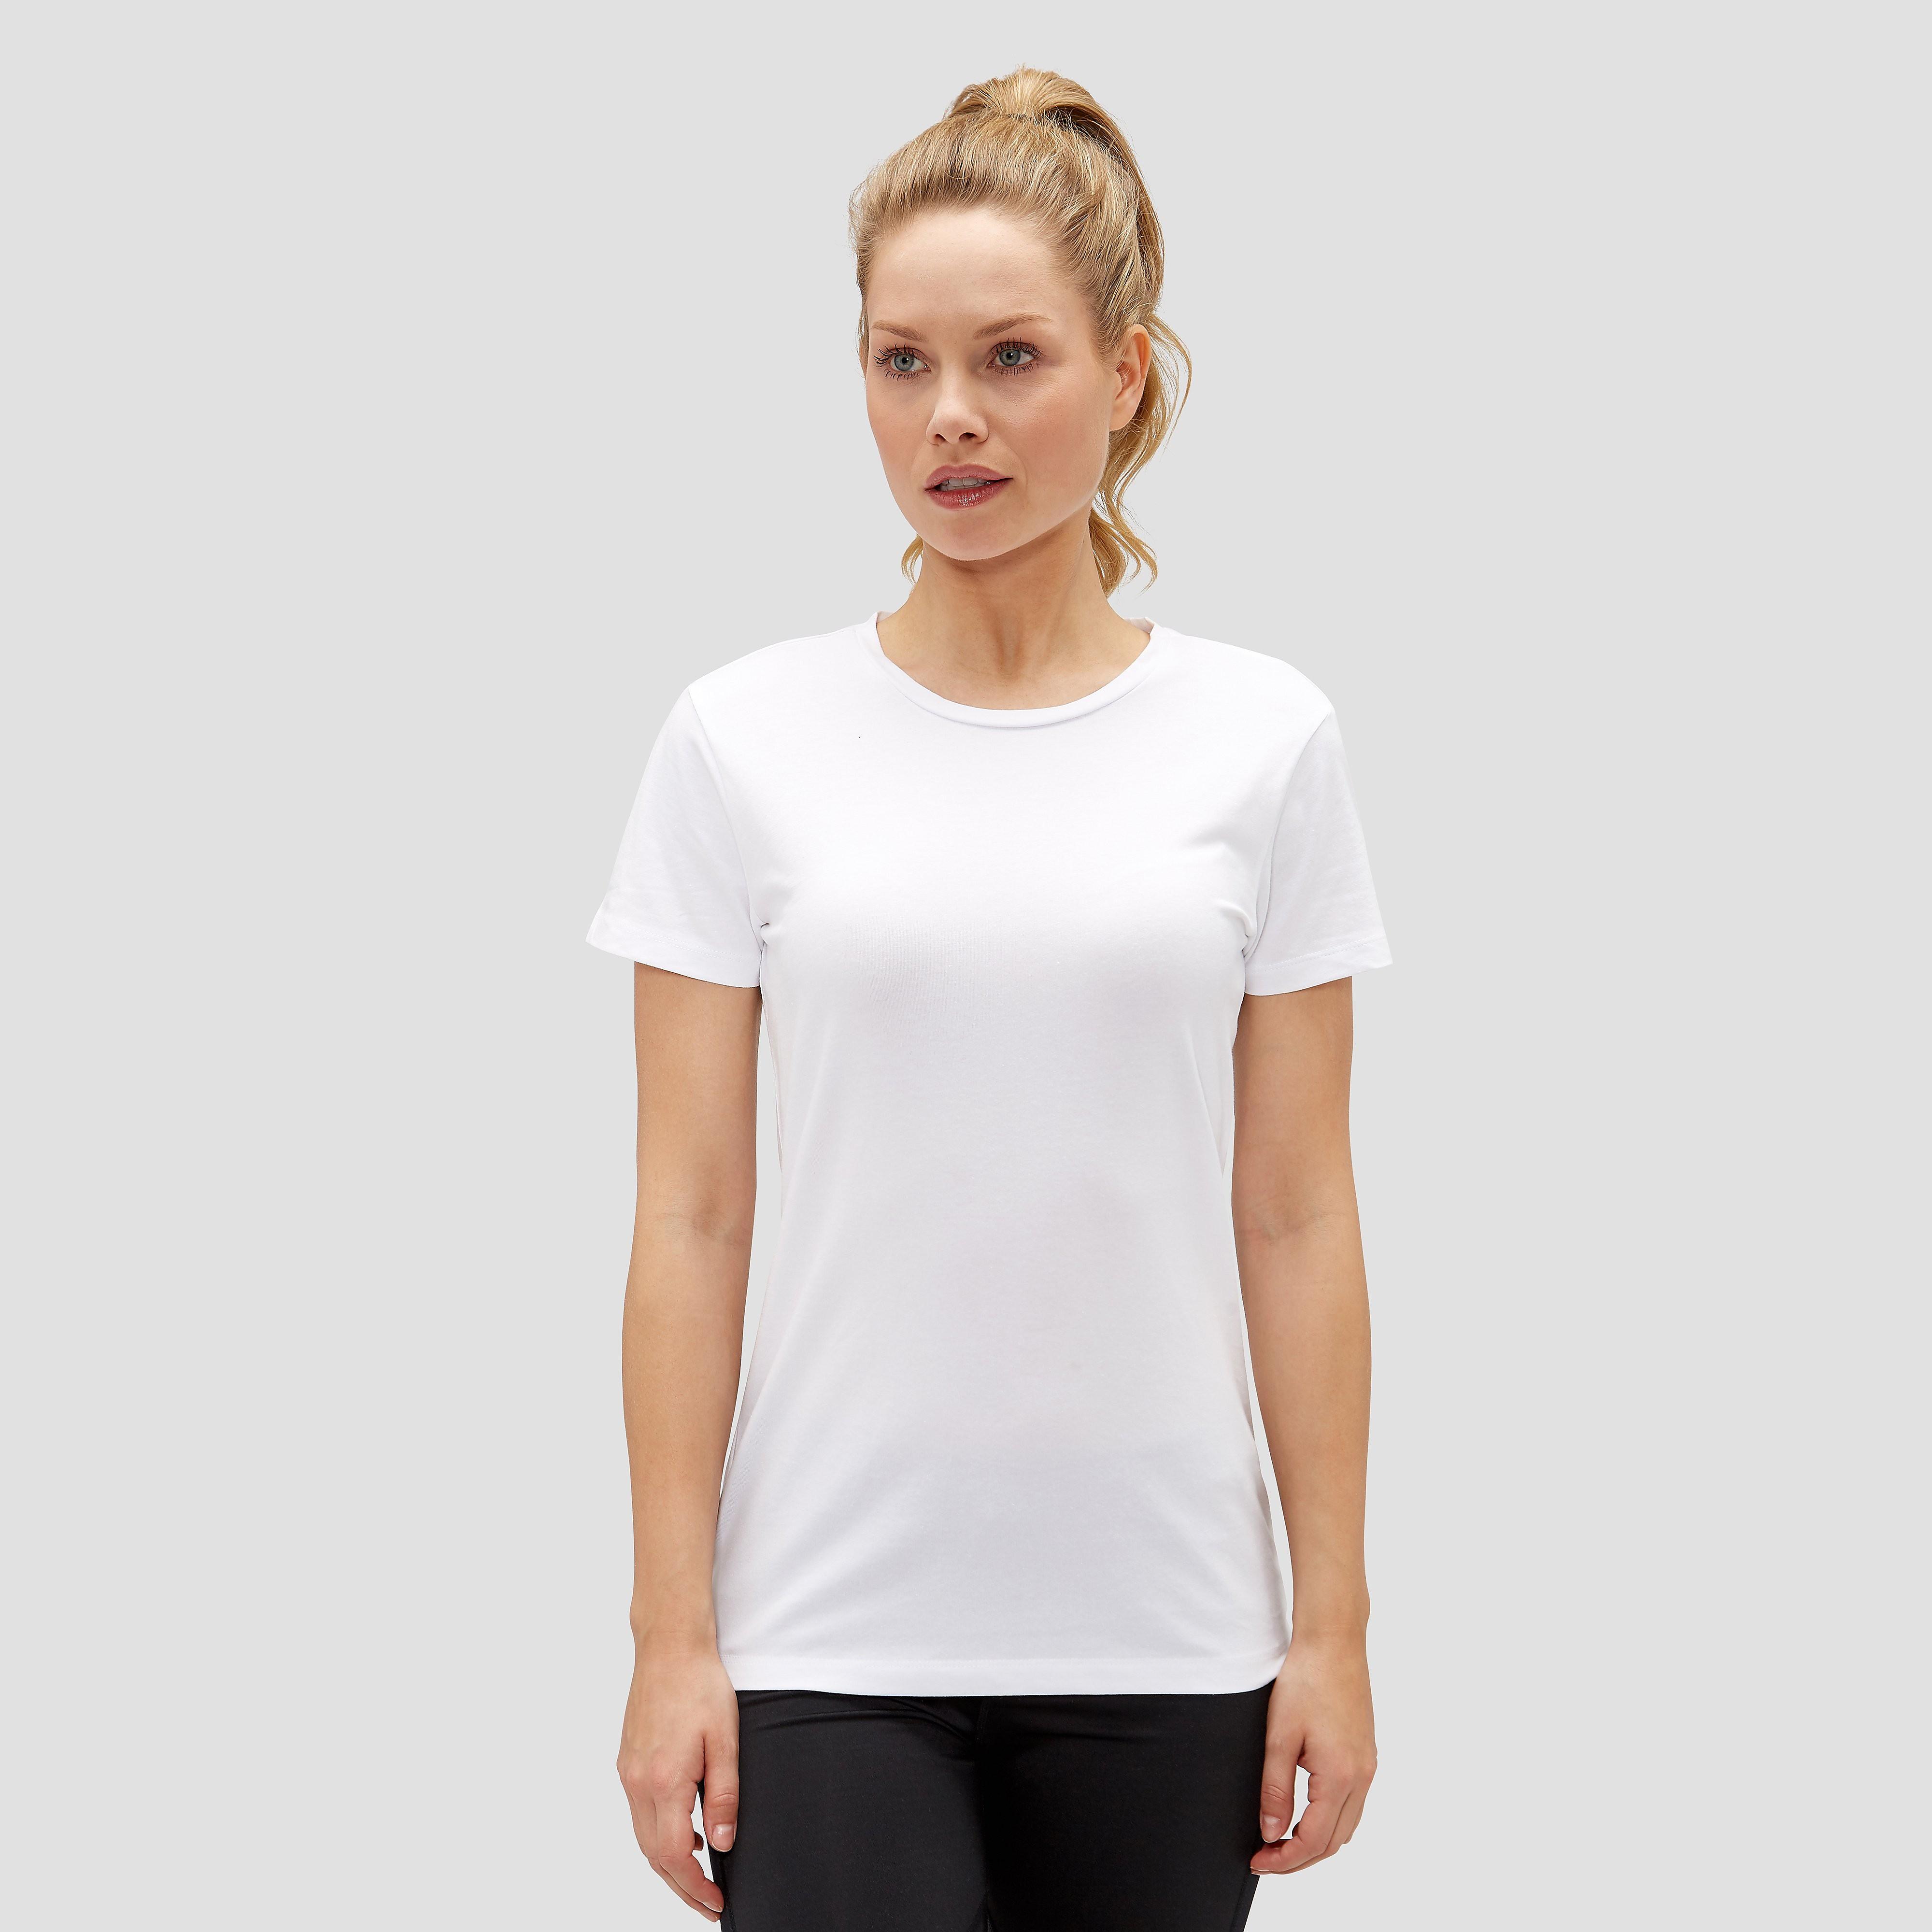 Saffia Shirt Wit Dames - White